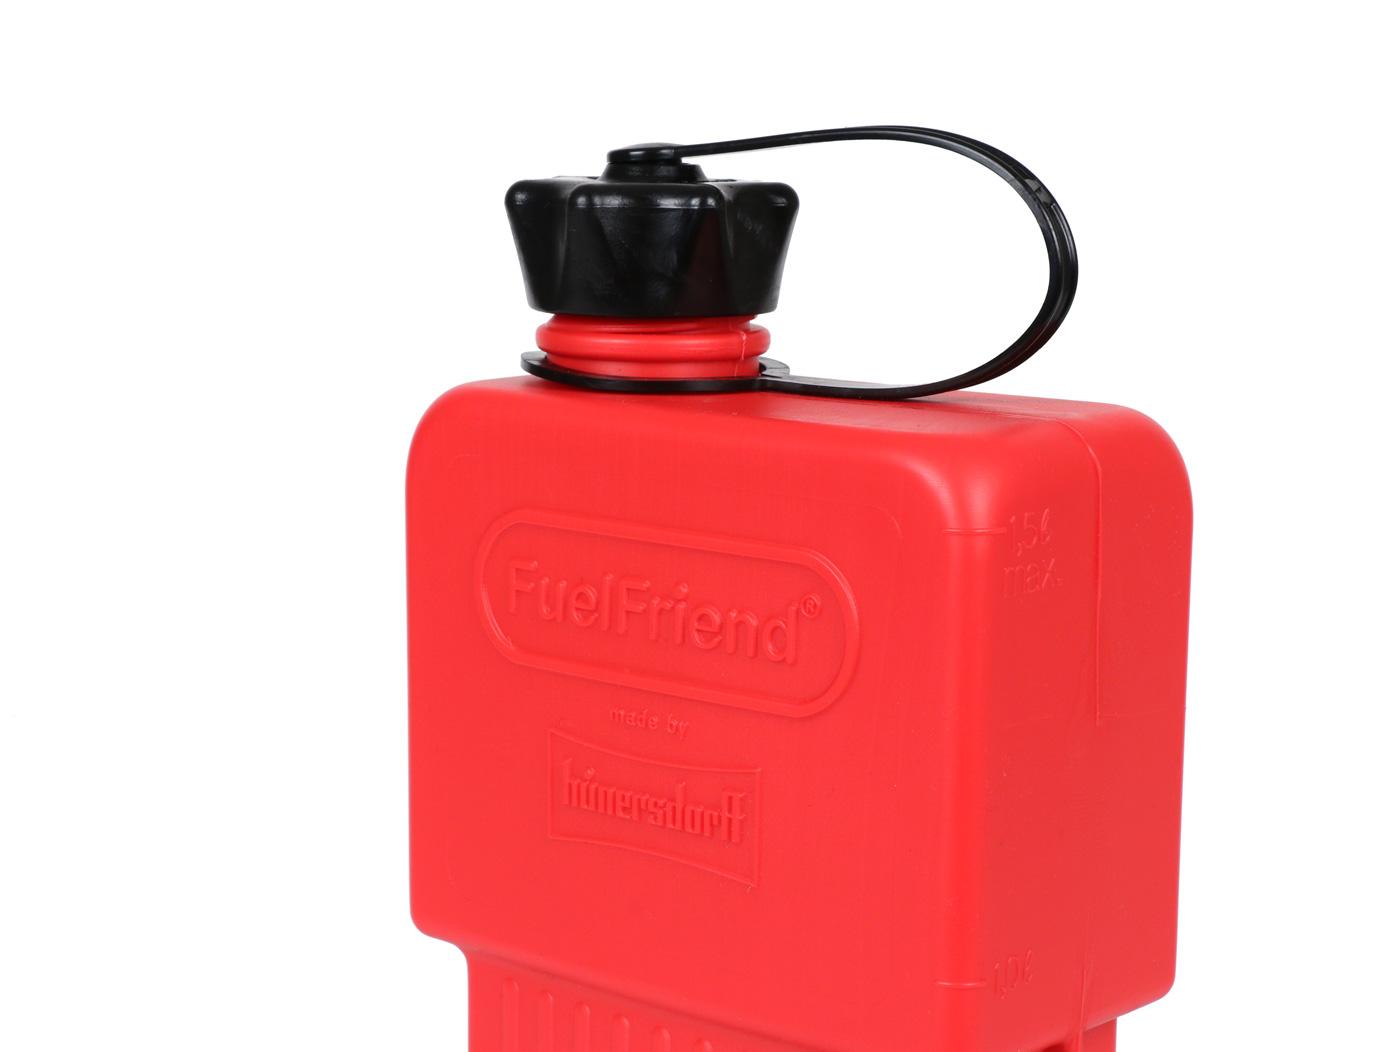 ca/ño bloqueable 2 Piezas a un Precio Especial FuelFriend/®-Plus Bid/ón 1.5 litros